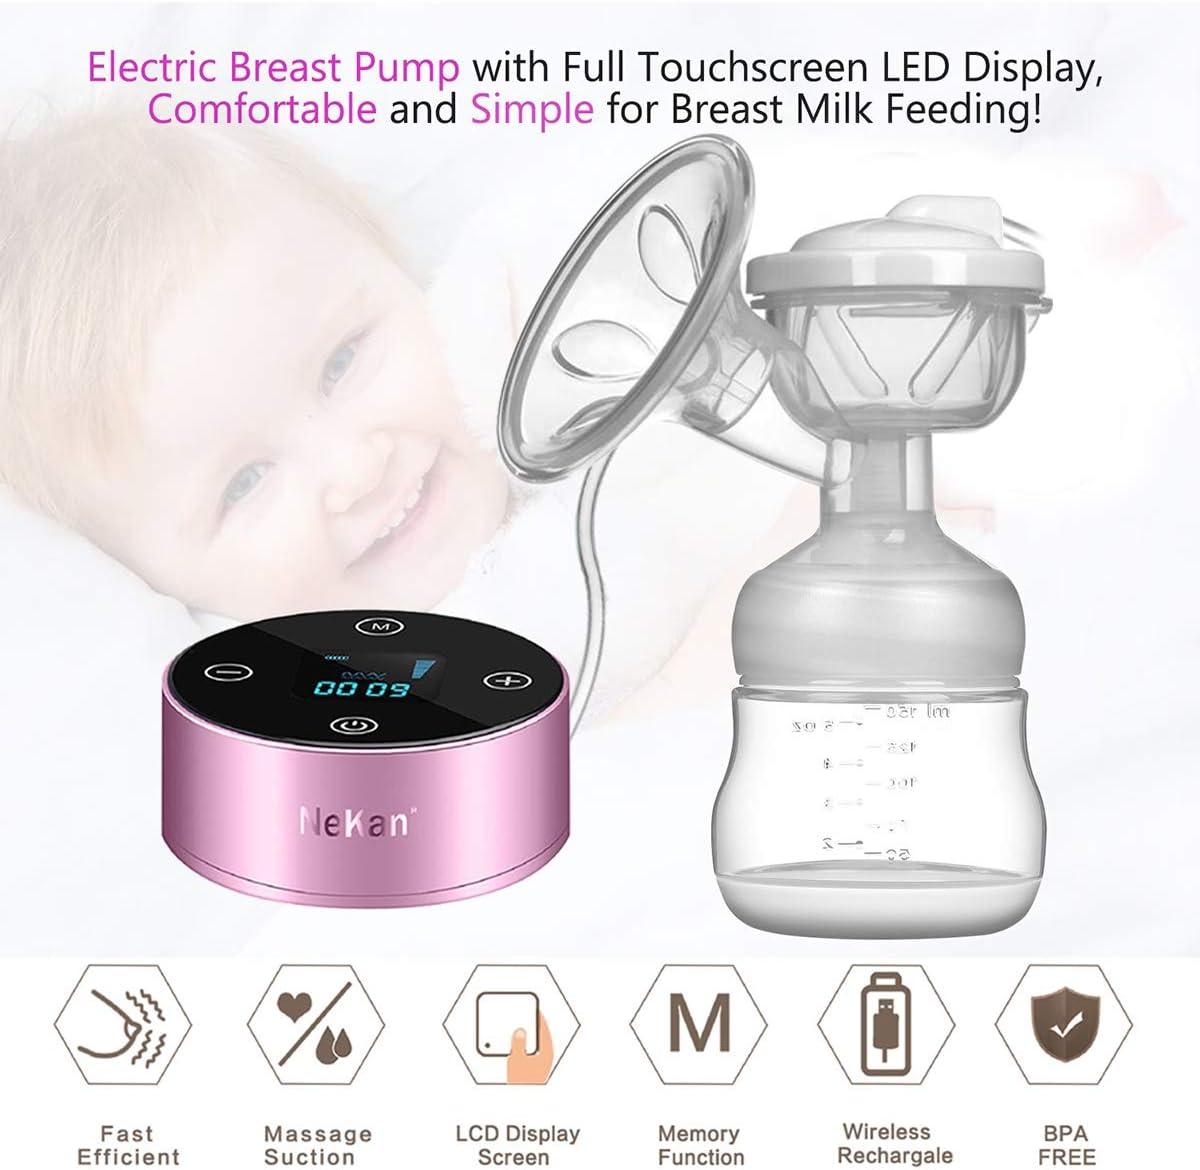 Sacaleches El/éctrico masaje de mama Extractor de leche el/éctrico materna Pantalla t/áctil port/átil recargable Smart LCD con 3 modos 9 niveles de succi/ón de leche materna